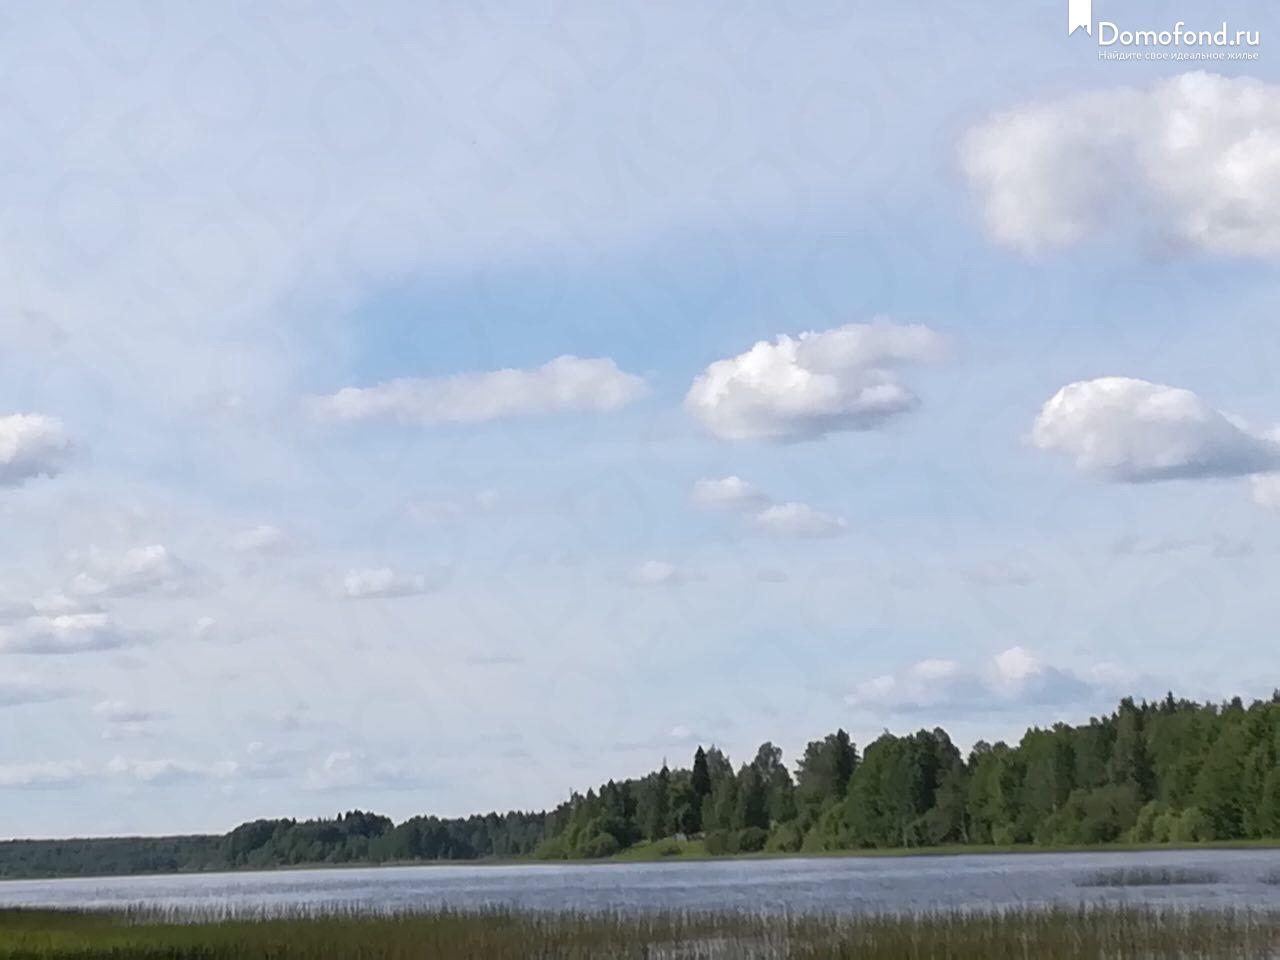 Озеро байкал фото обои джусойты был